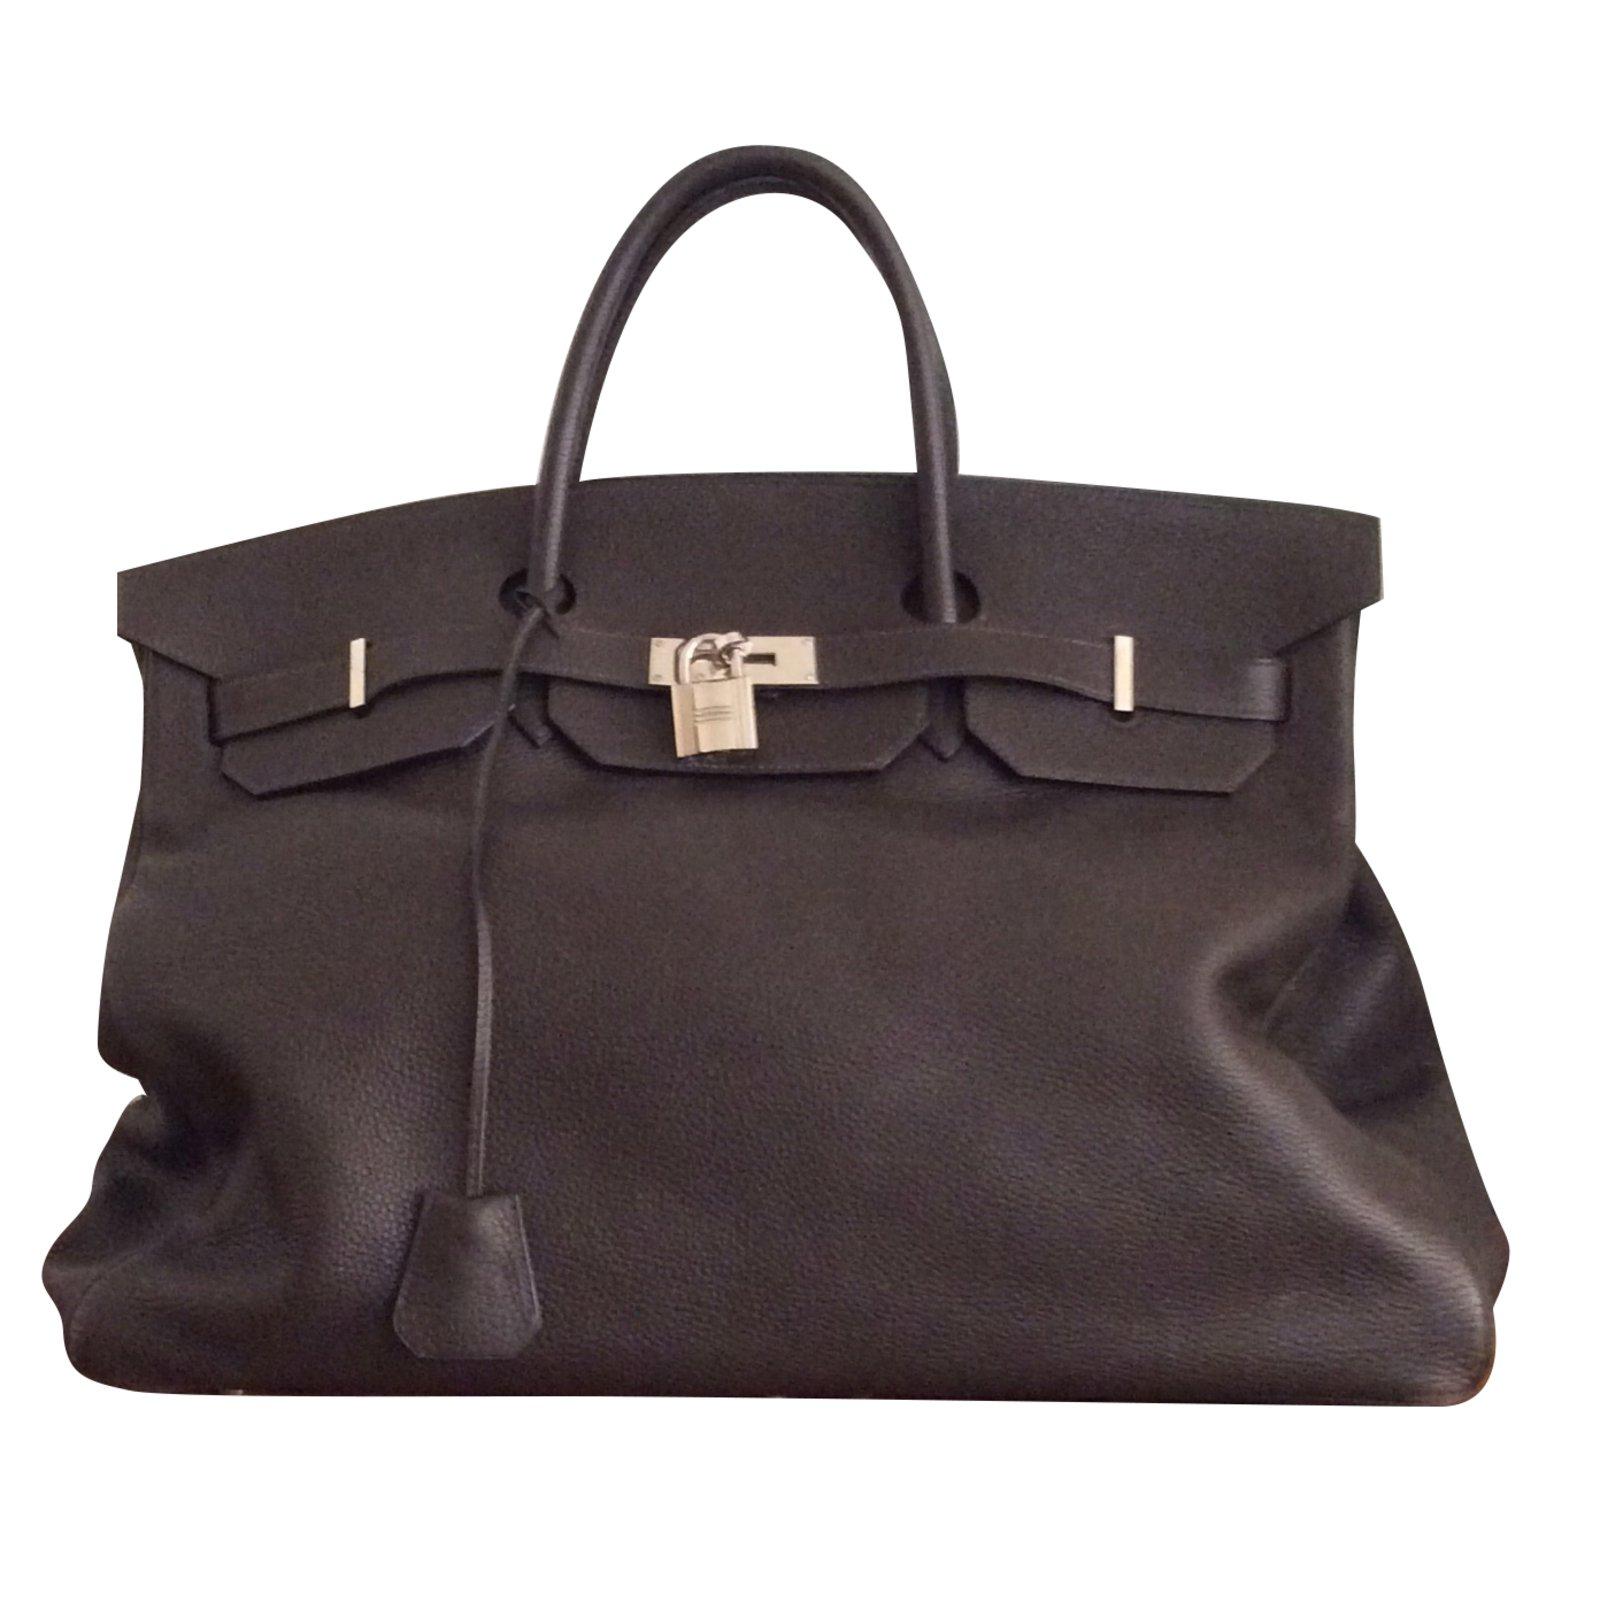 997f59fe78c Hermès Birkin bag 48 hours(Week-end) Travel bag Leather Dark brown ...